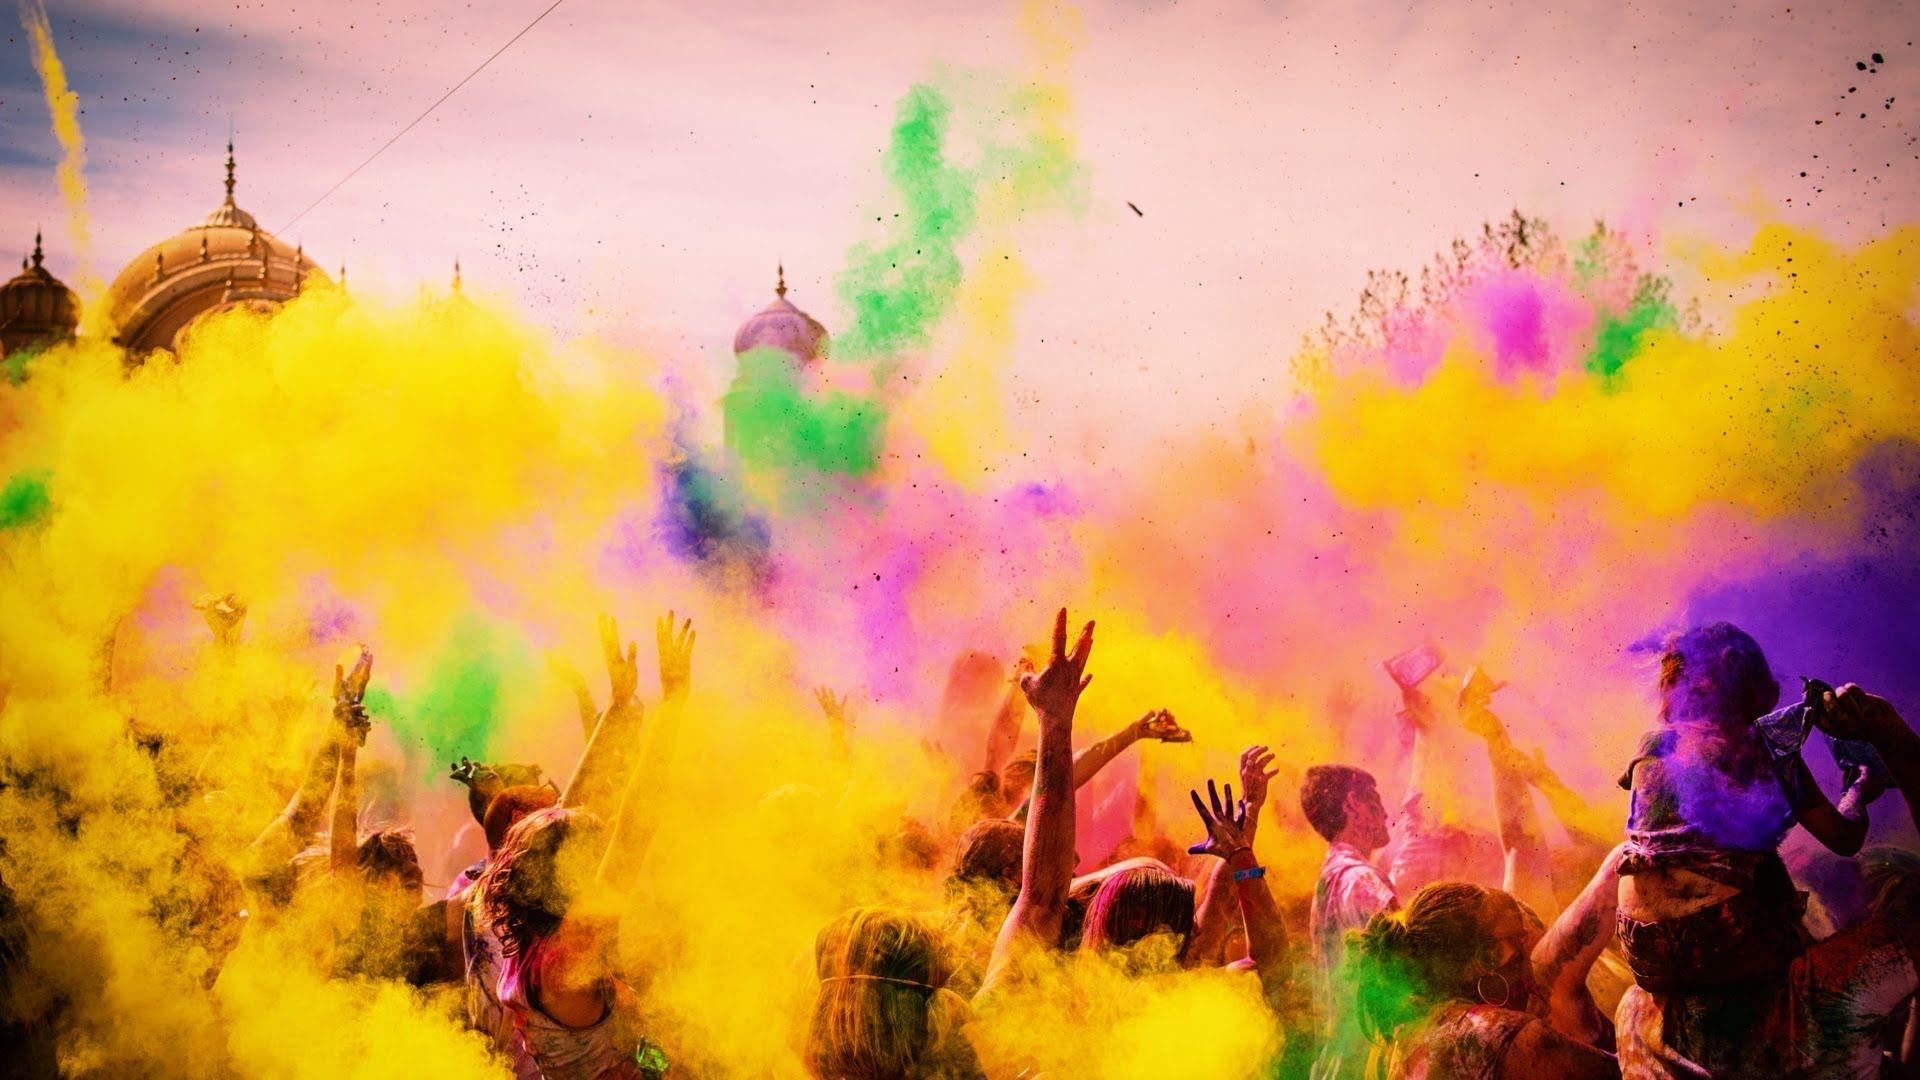 Festival of colors give love inspiring - Animesh wallpaper ...